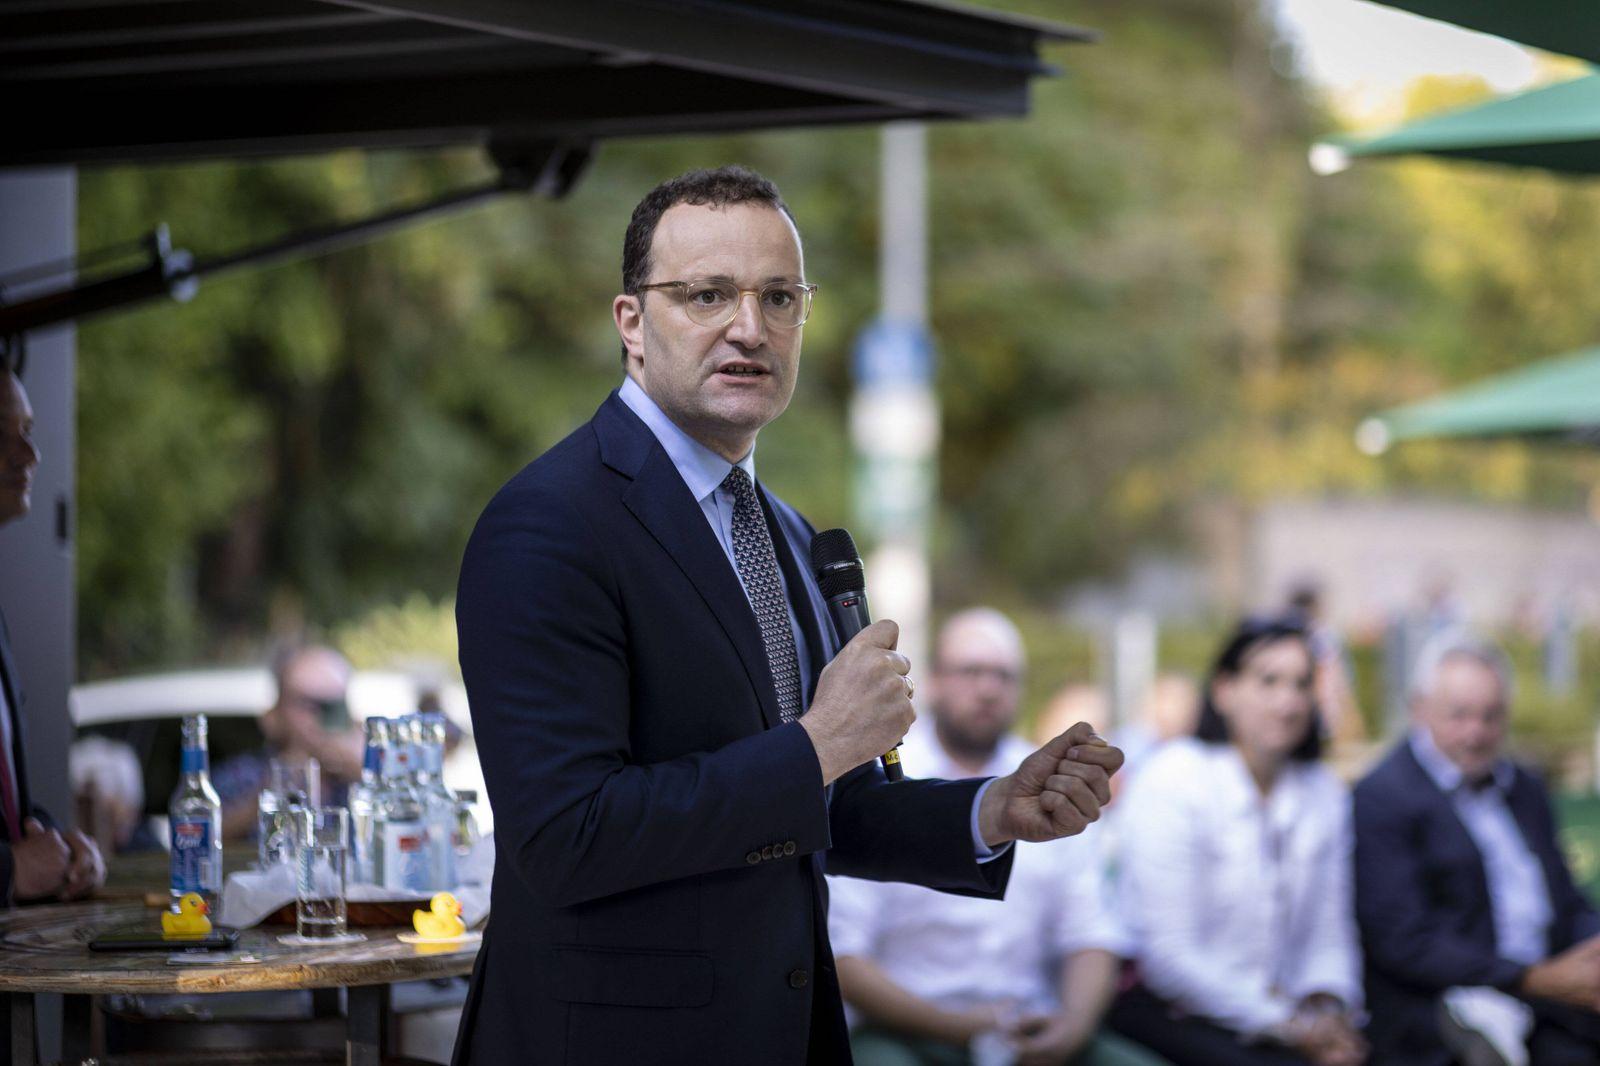 Bundesgesundheitsminister Jens Spahn, CDU, auf einer Wahlkampfveranstaltung in Nagold in Baden-Wuerttemberg. Nagold Deut